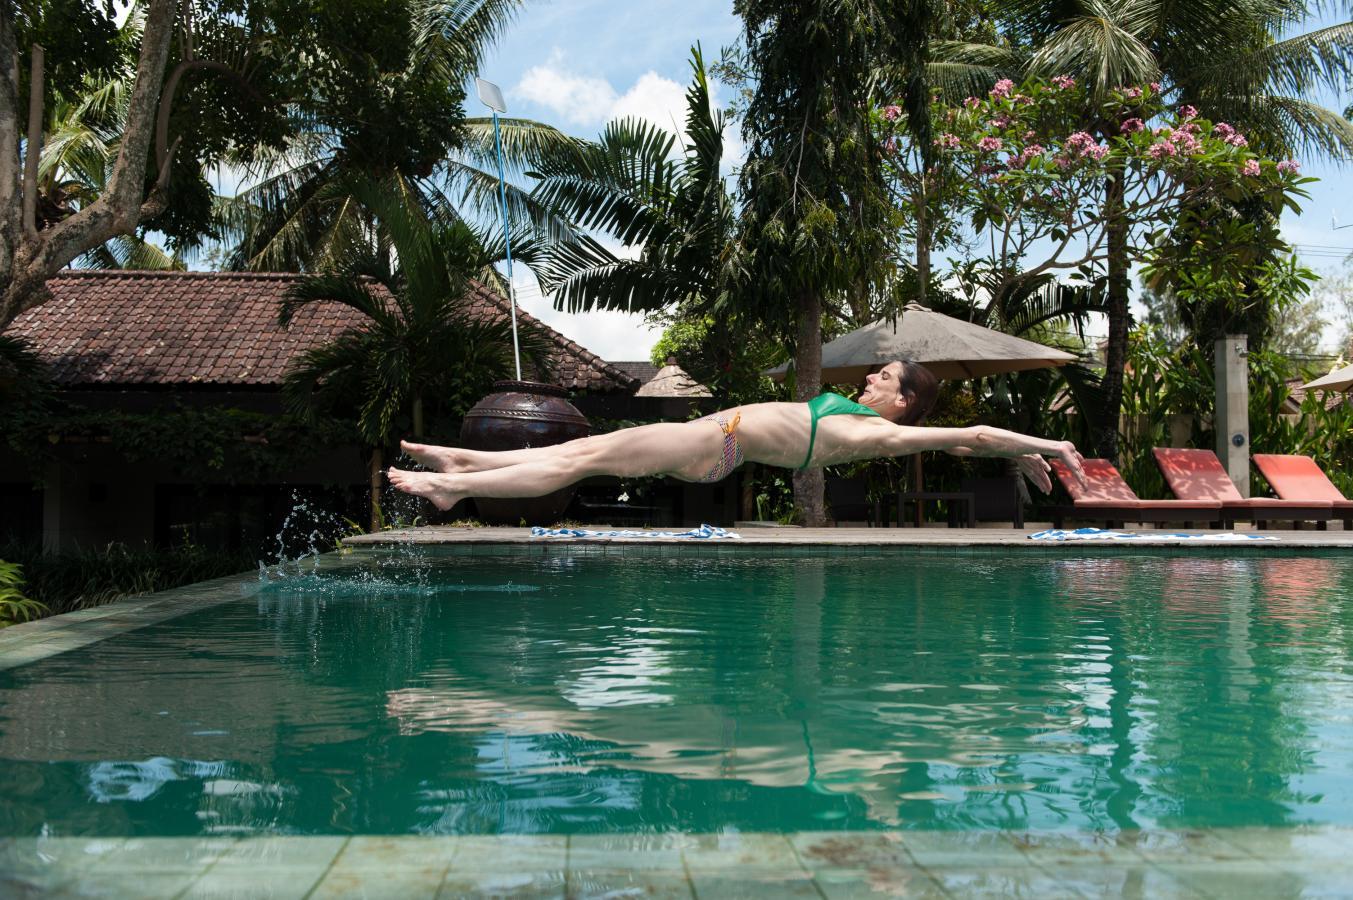 defying-gravity-ubud-bali-2010